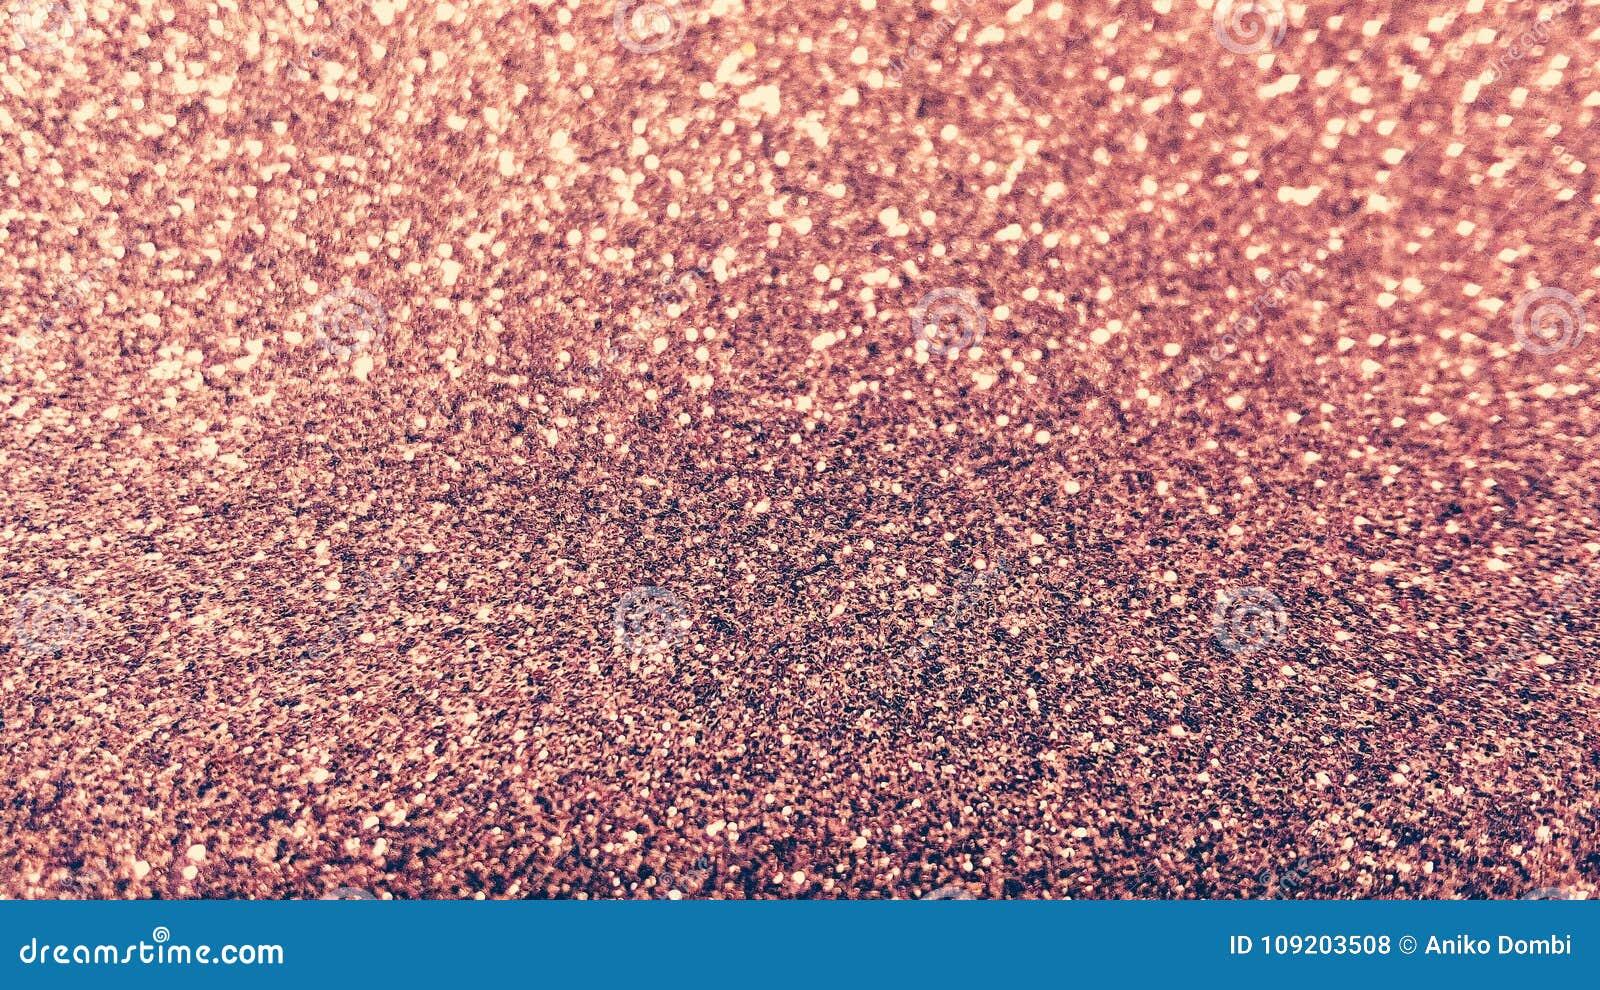 Rose glitter detail